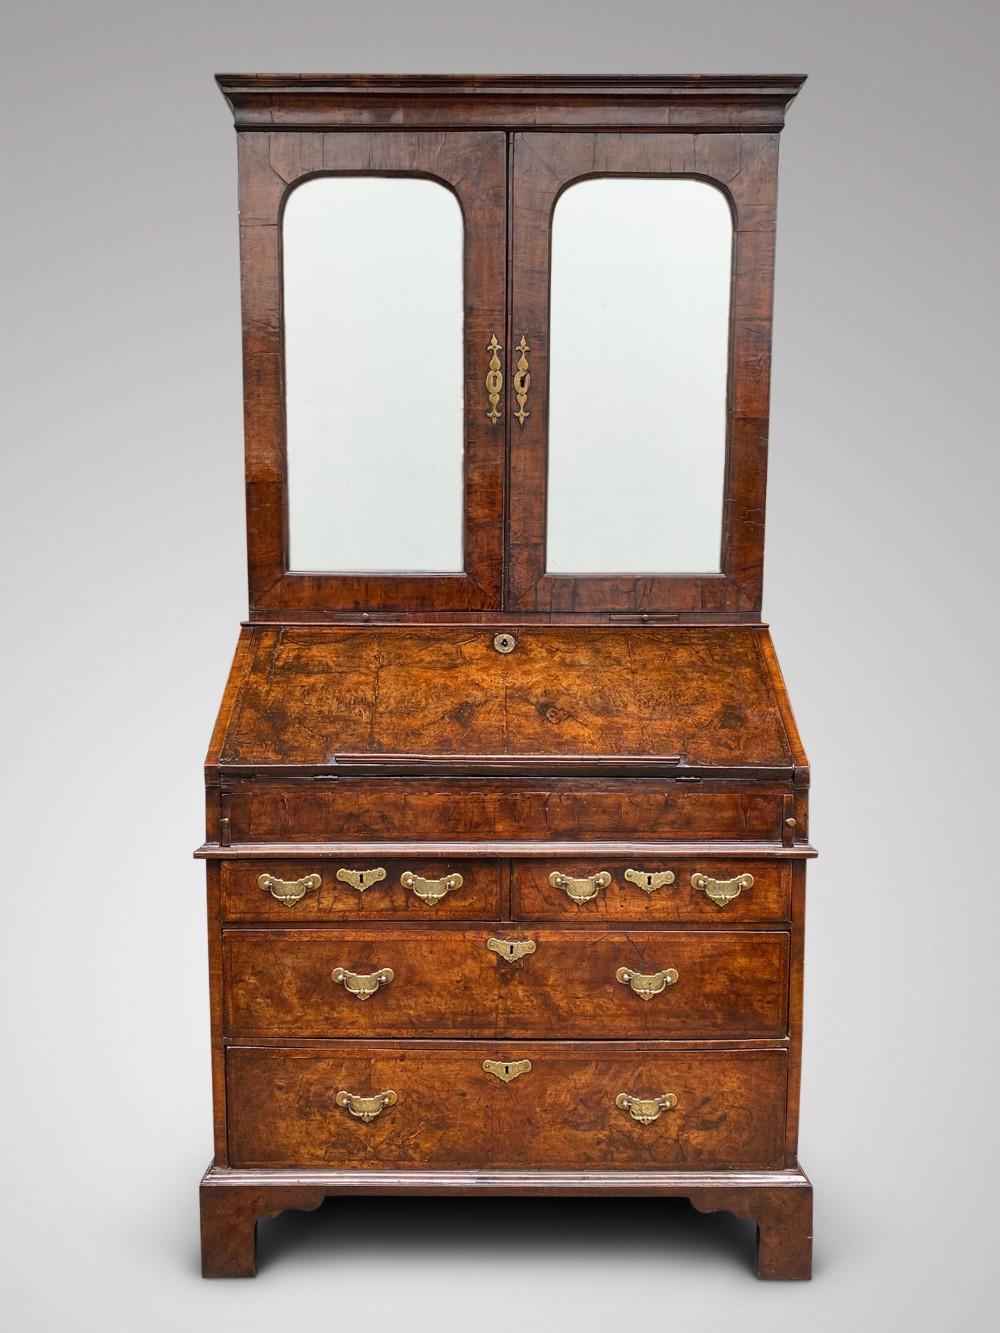 18c george i period walnut bureau bookcase